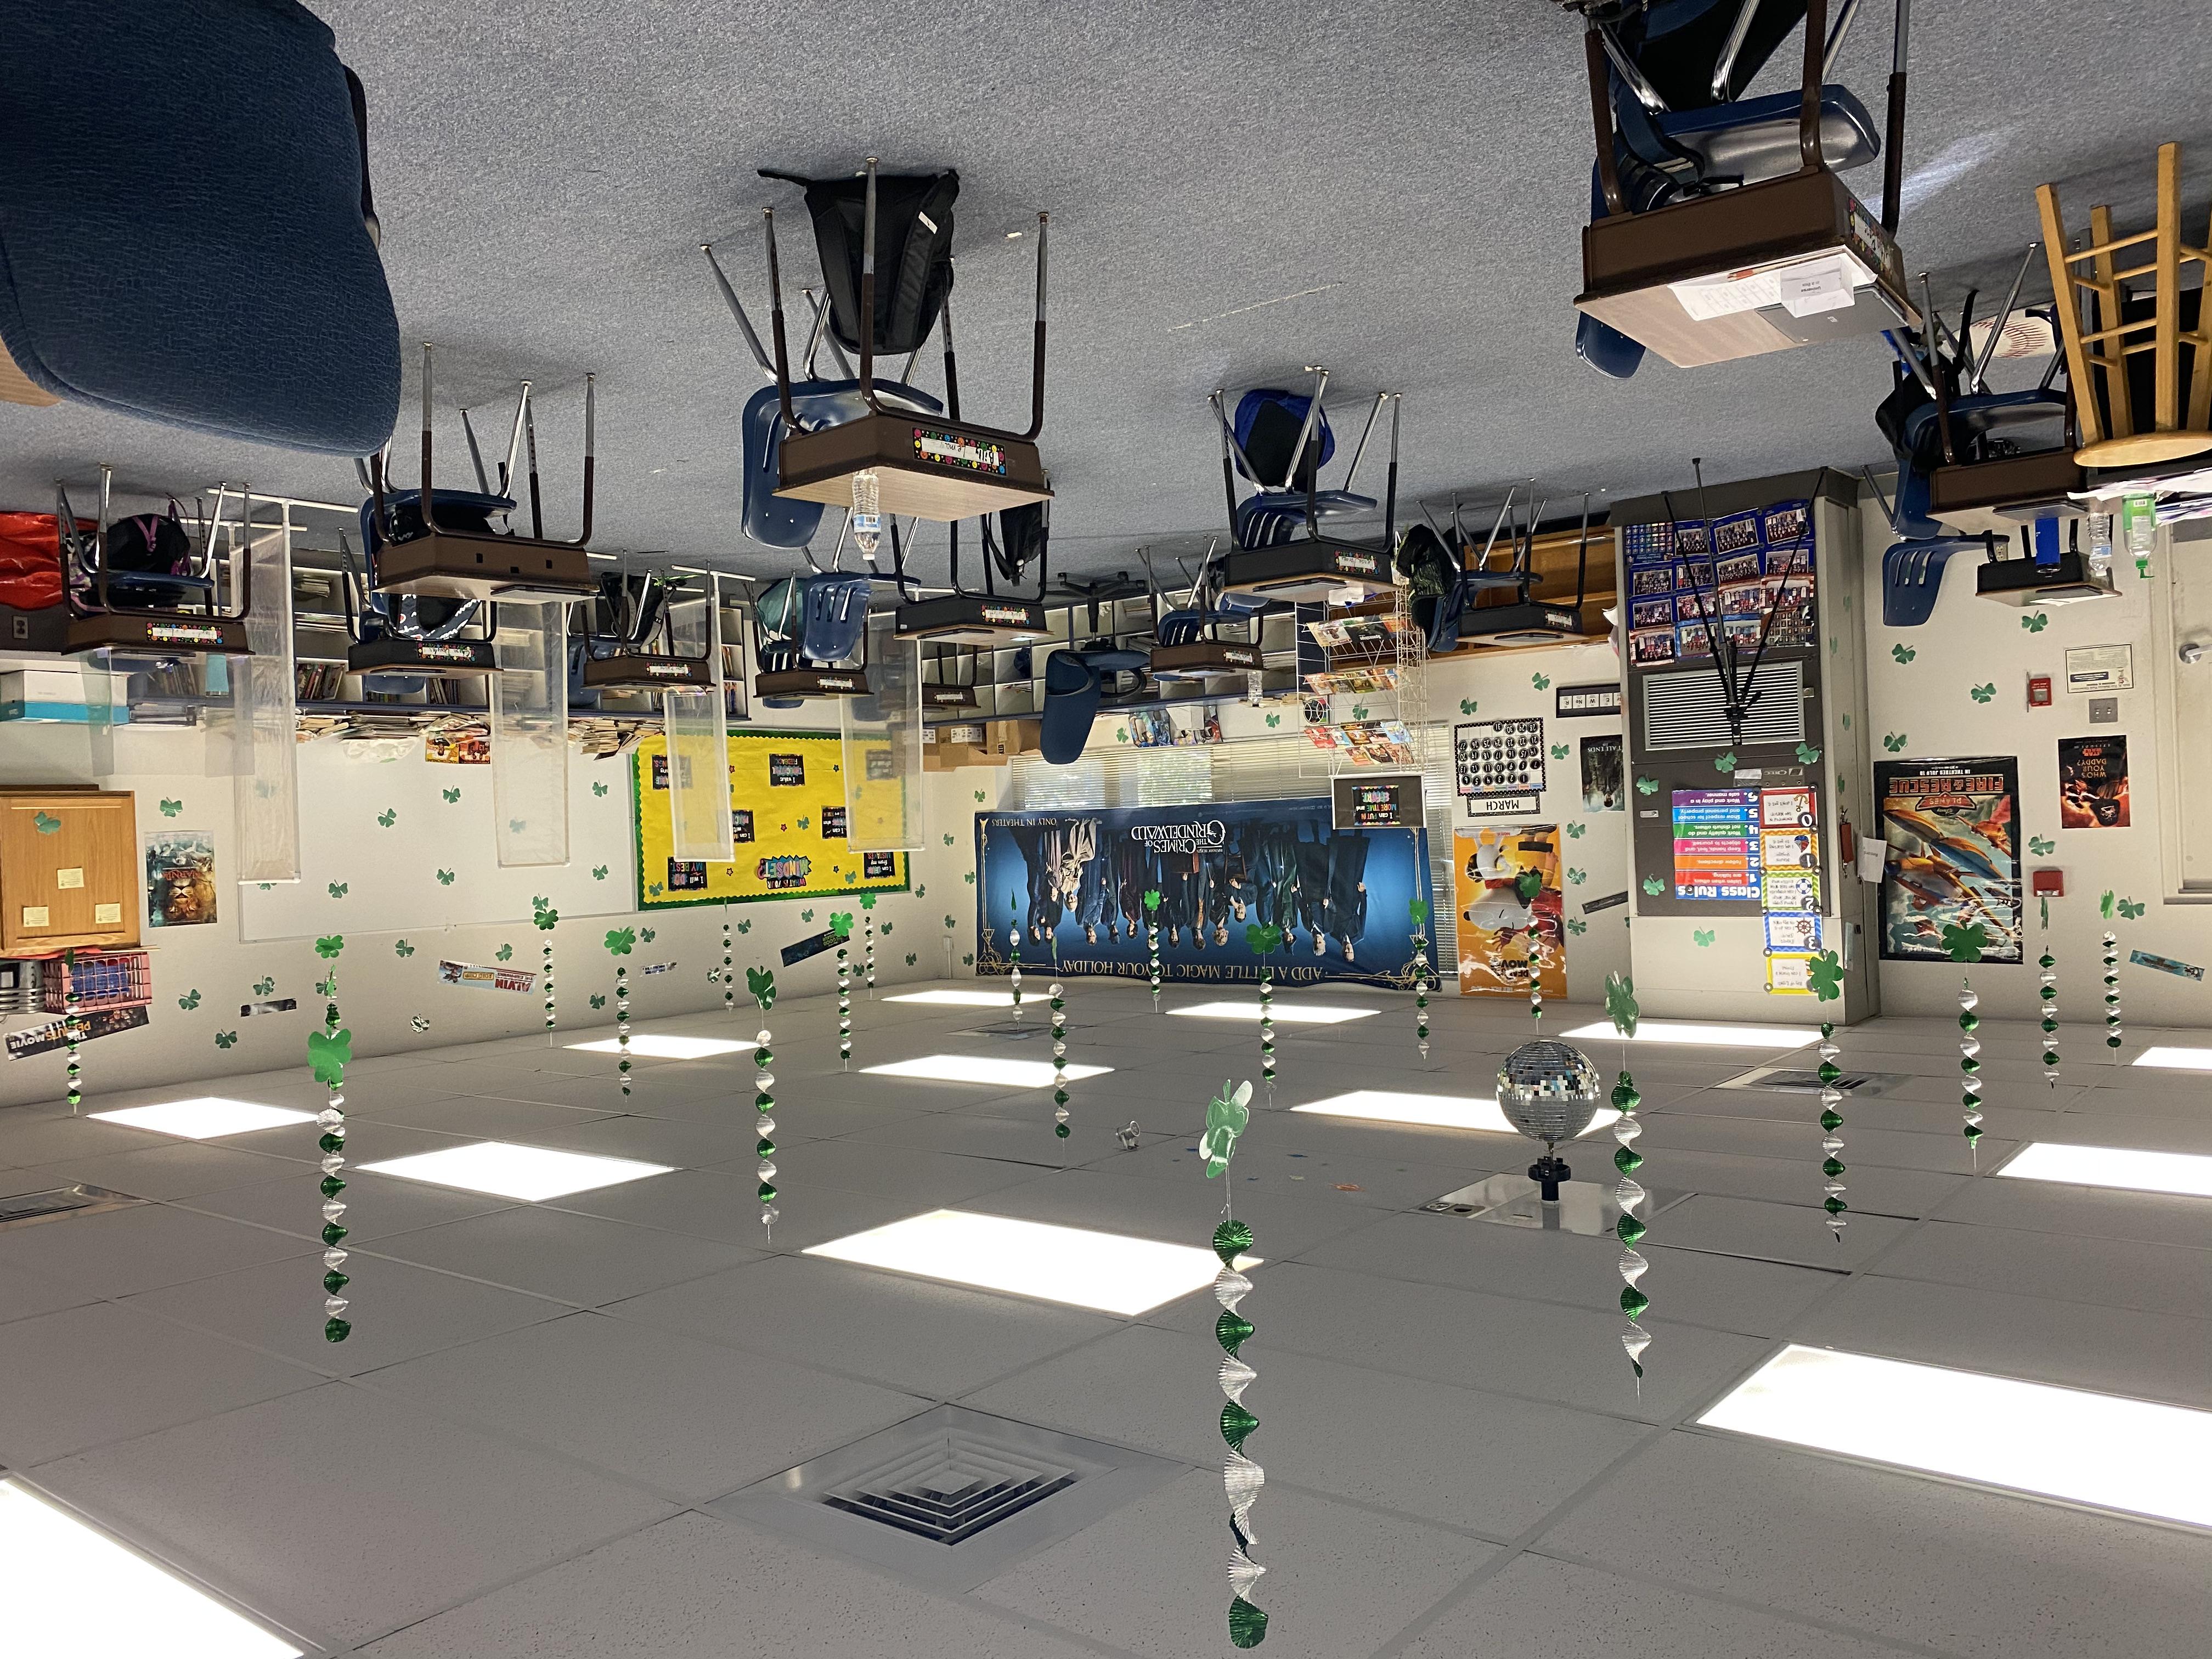 Mr. Brwener's room after the leprechaun left the Escape room challenge.